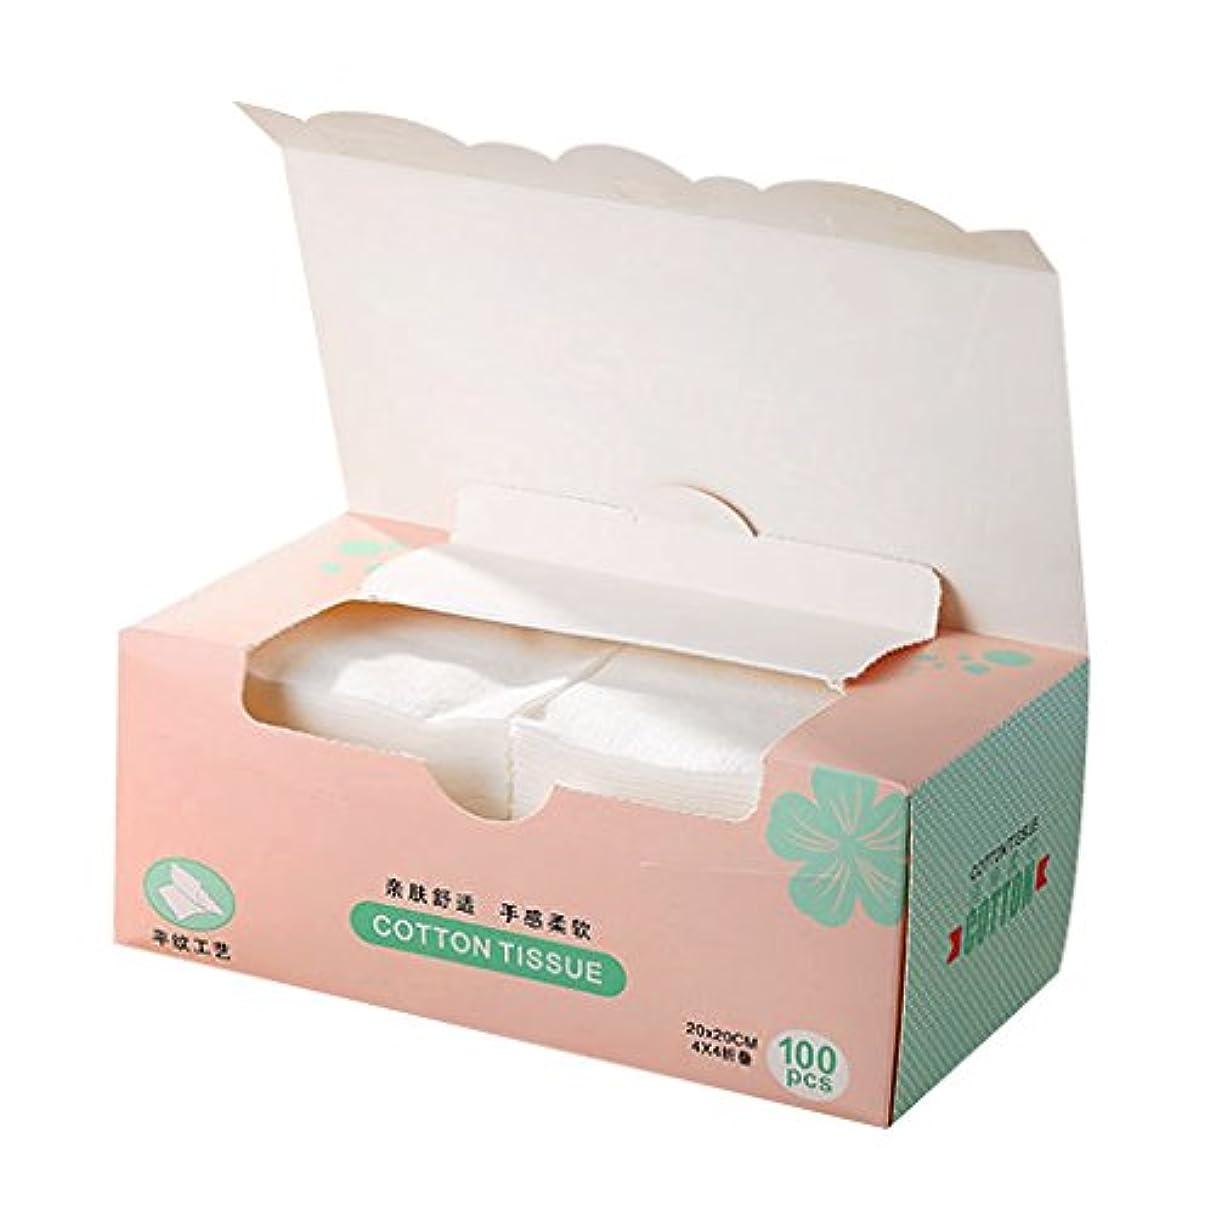 荒らすスパーク構成1箱 使い捨て フェイスタオル メイクリムーバー 顔用タオル 機能性 使い捨てリムー メイク